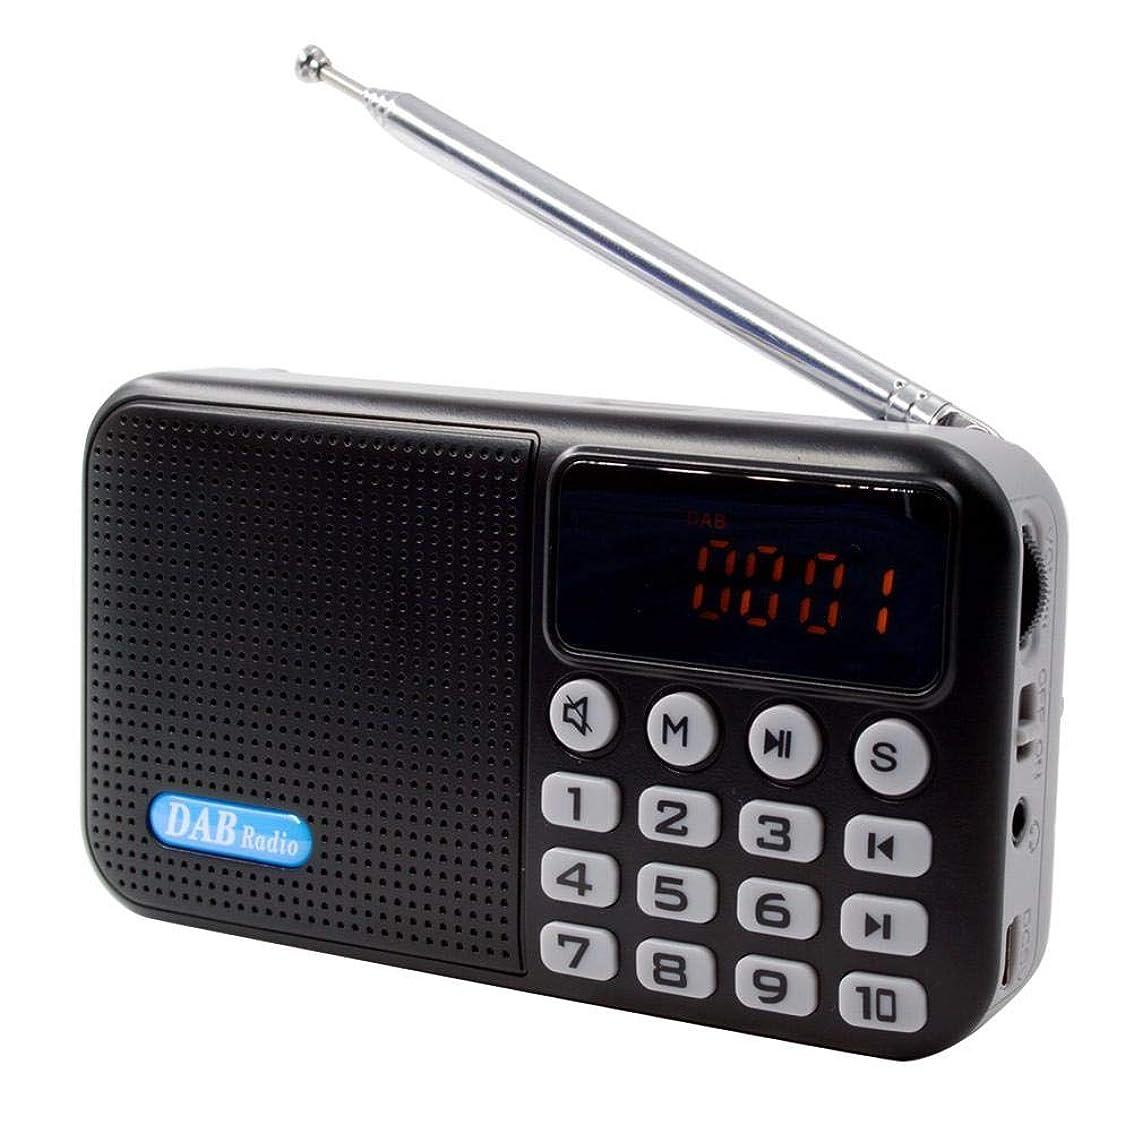 地域三番堂々たるポケットラジオ 高感度 デジタル 小型 FMラジオ LEDライト アンテナ スピーカー付き USBメモリ マイクロSDカード 最大32G